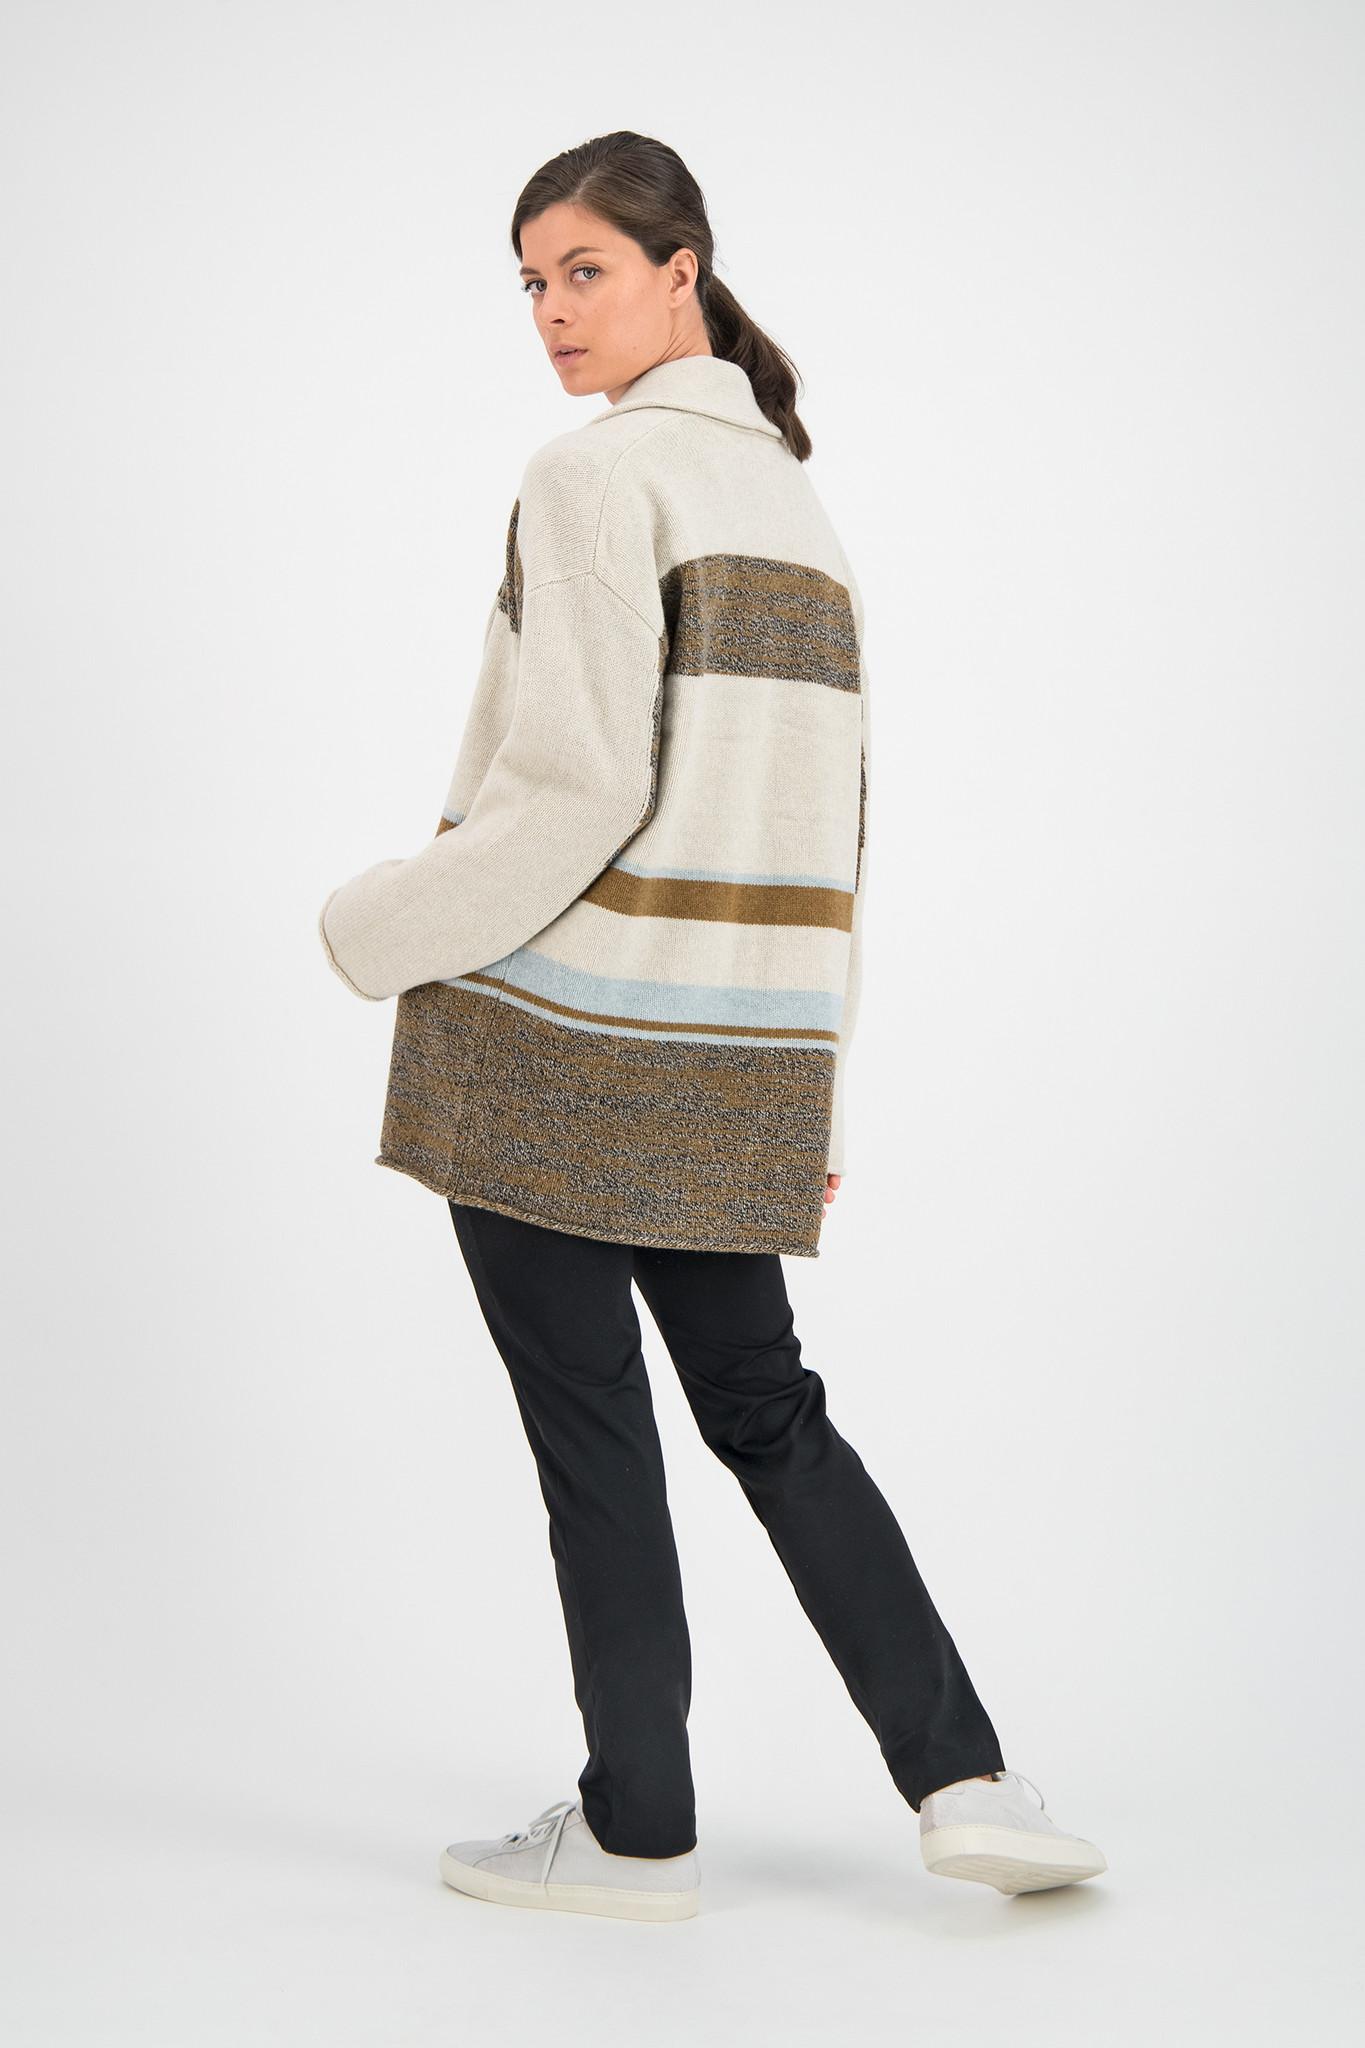 SYLVER Blanket Cardigan - Naturel